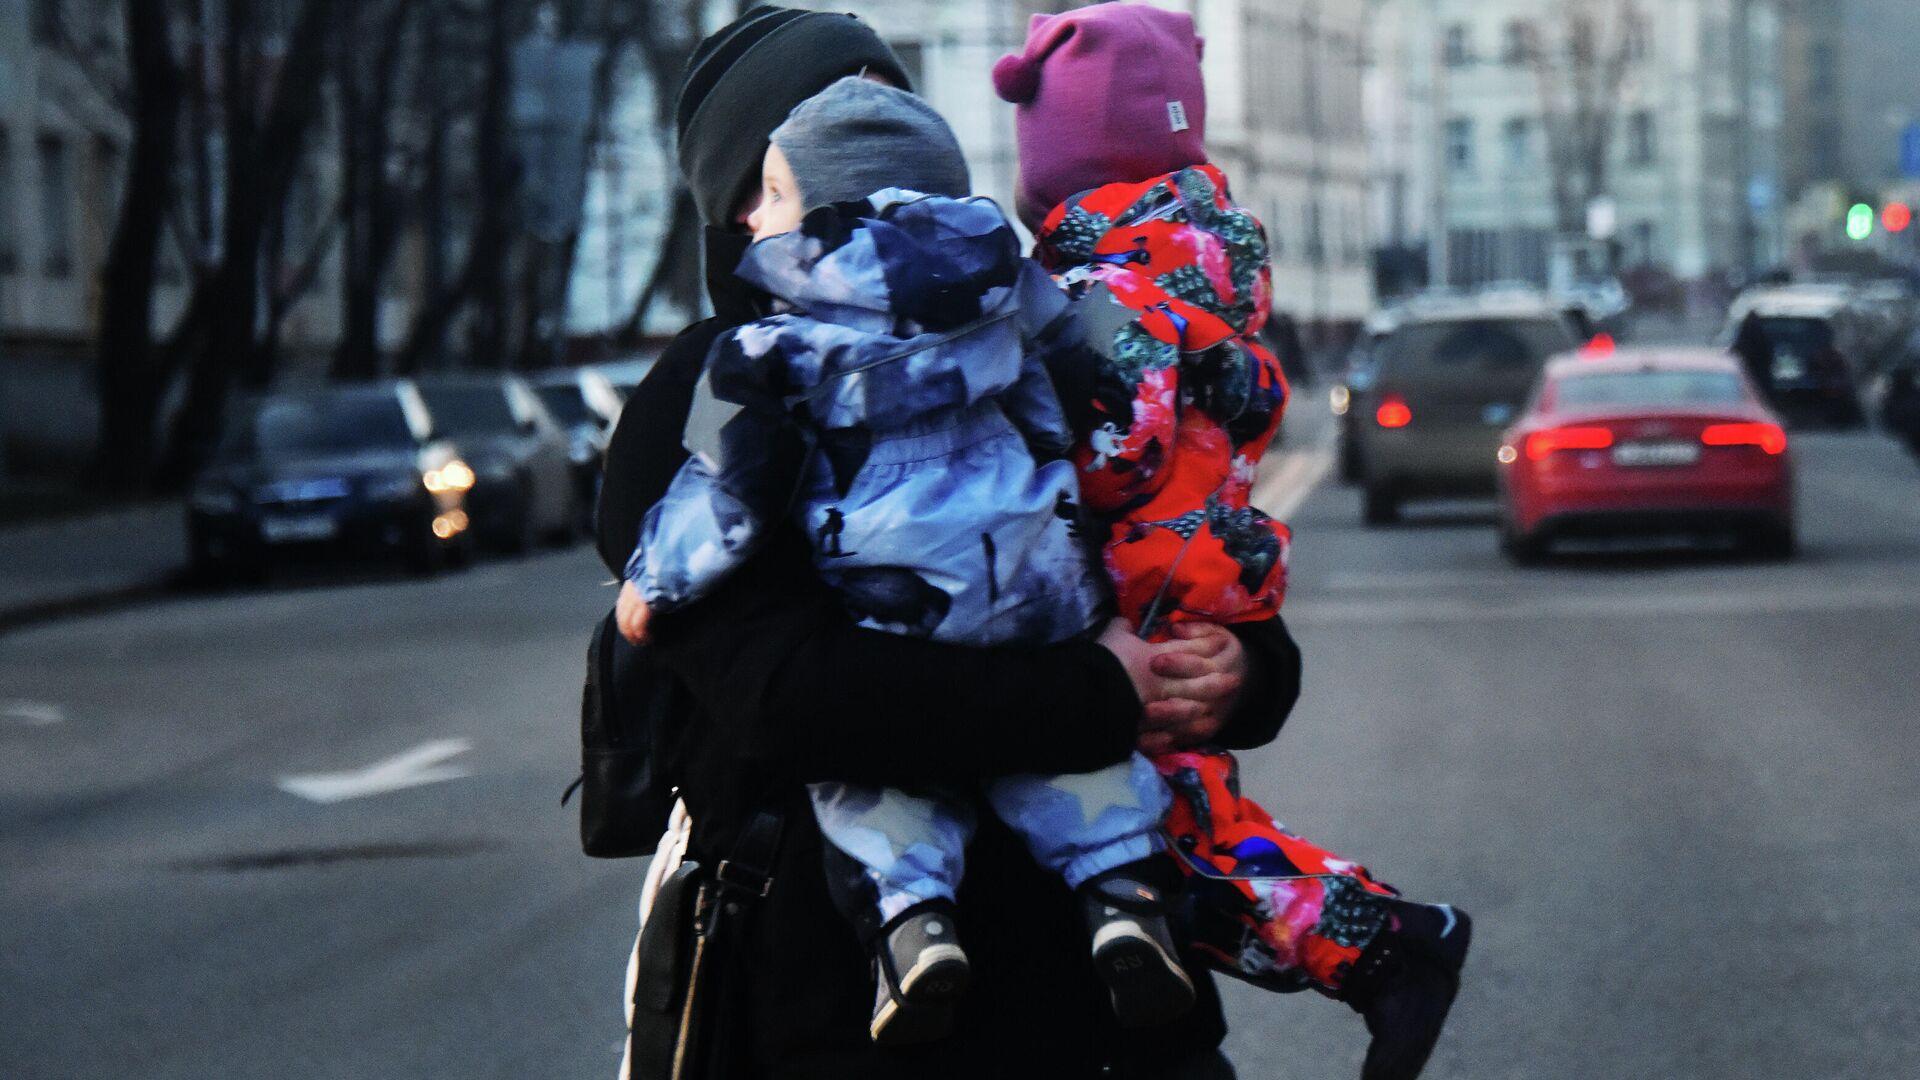 Женщина с двумя детьми на руках переходит дорогу - РИА Новости, 1920, 20.02.2020